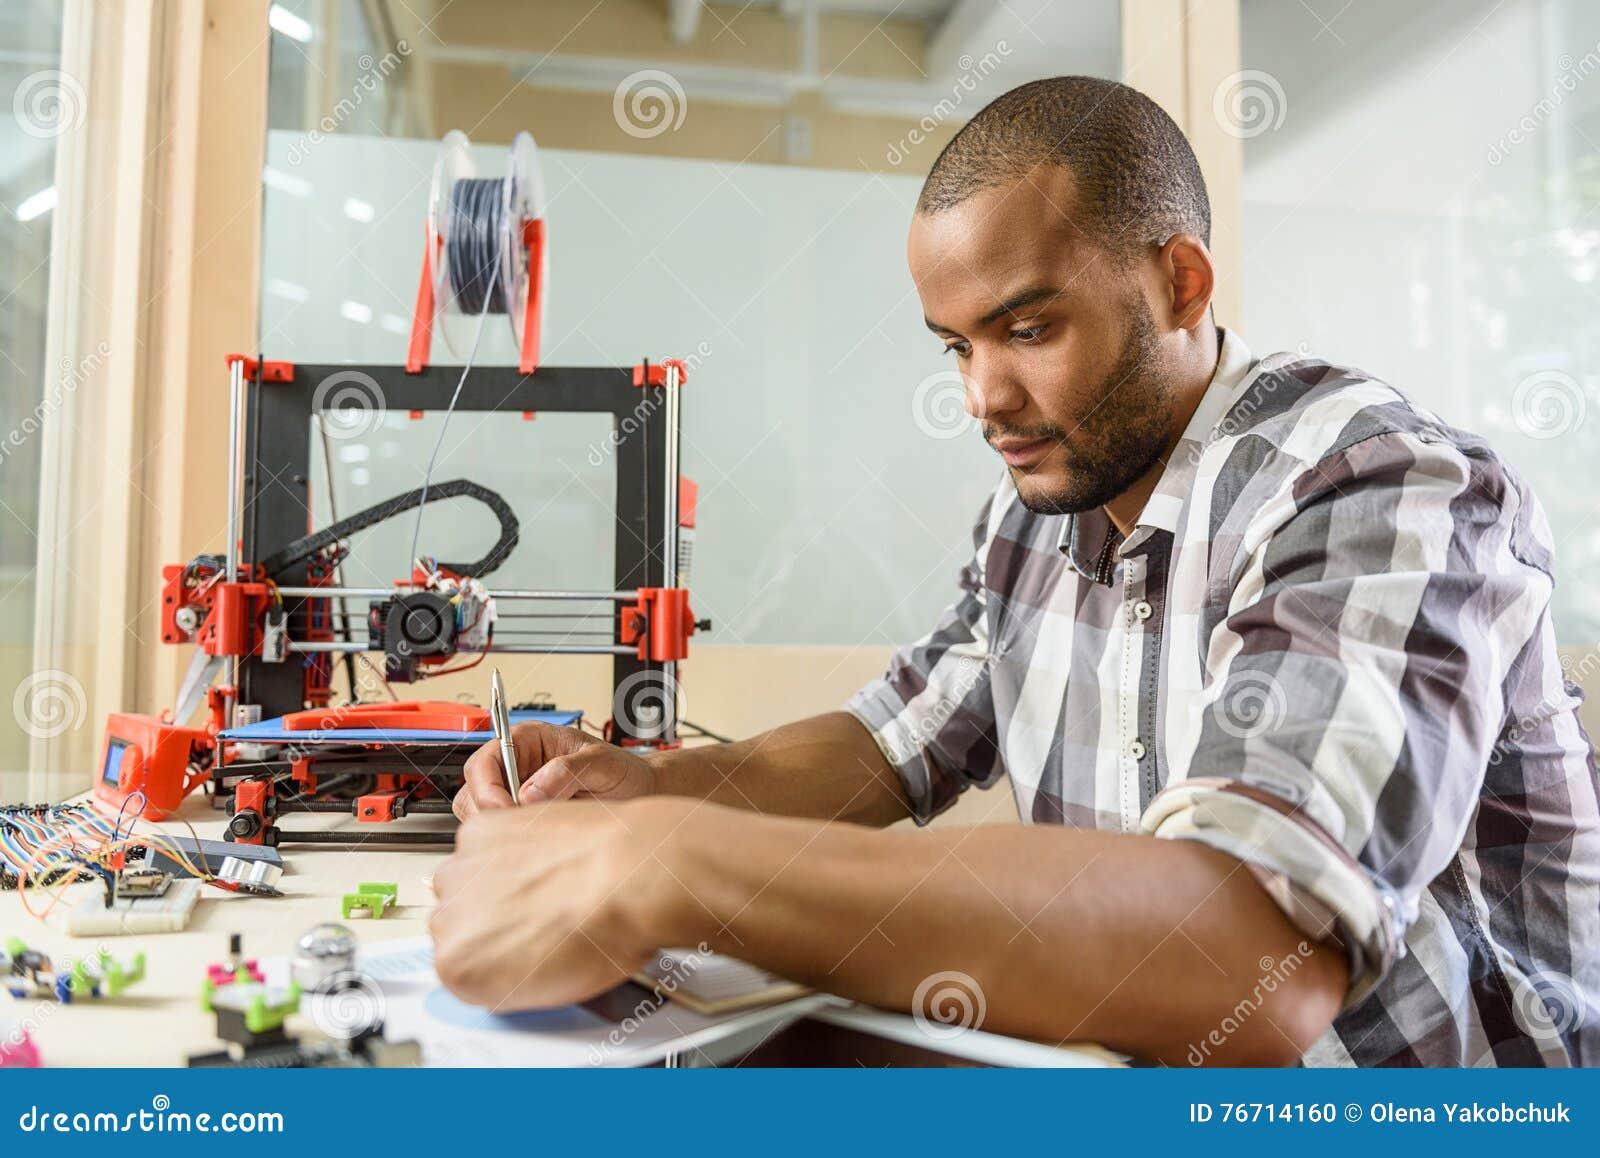 7760760d0781 La Fabricación Masculina Experta Del Ingeniero Observó Sobre La ...